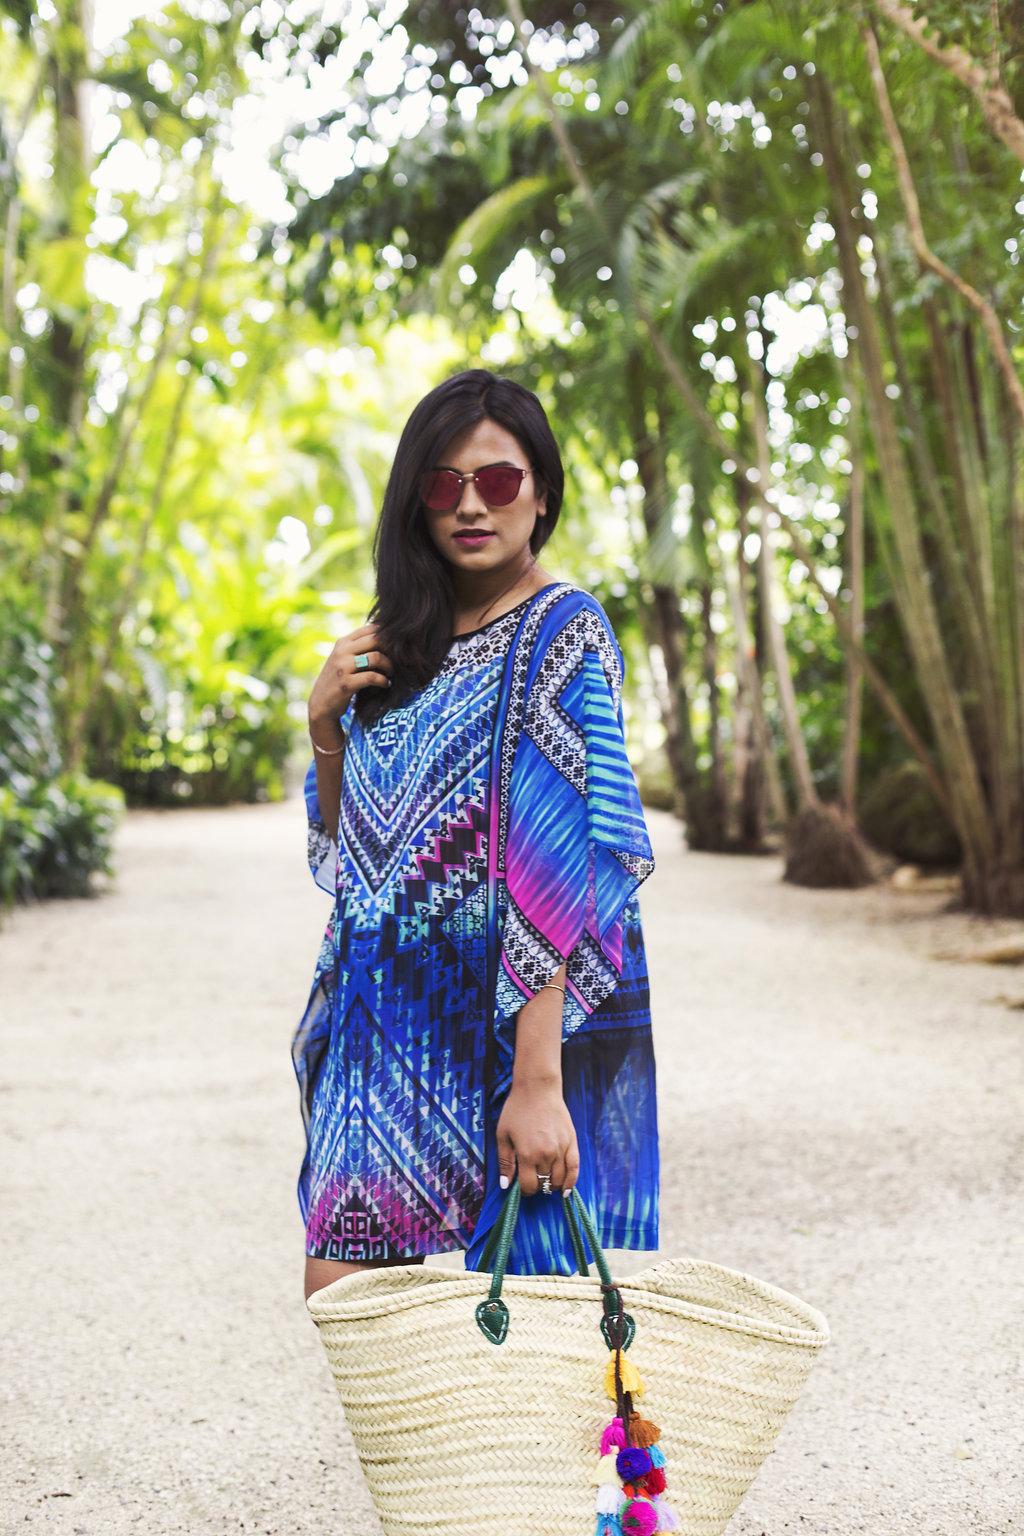 Miami Influencer Chic Stylista